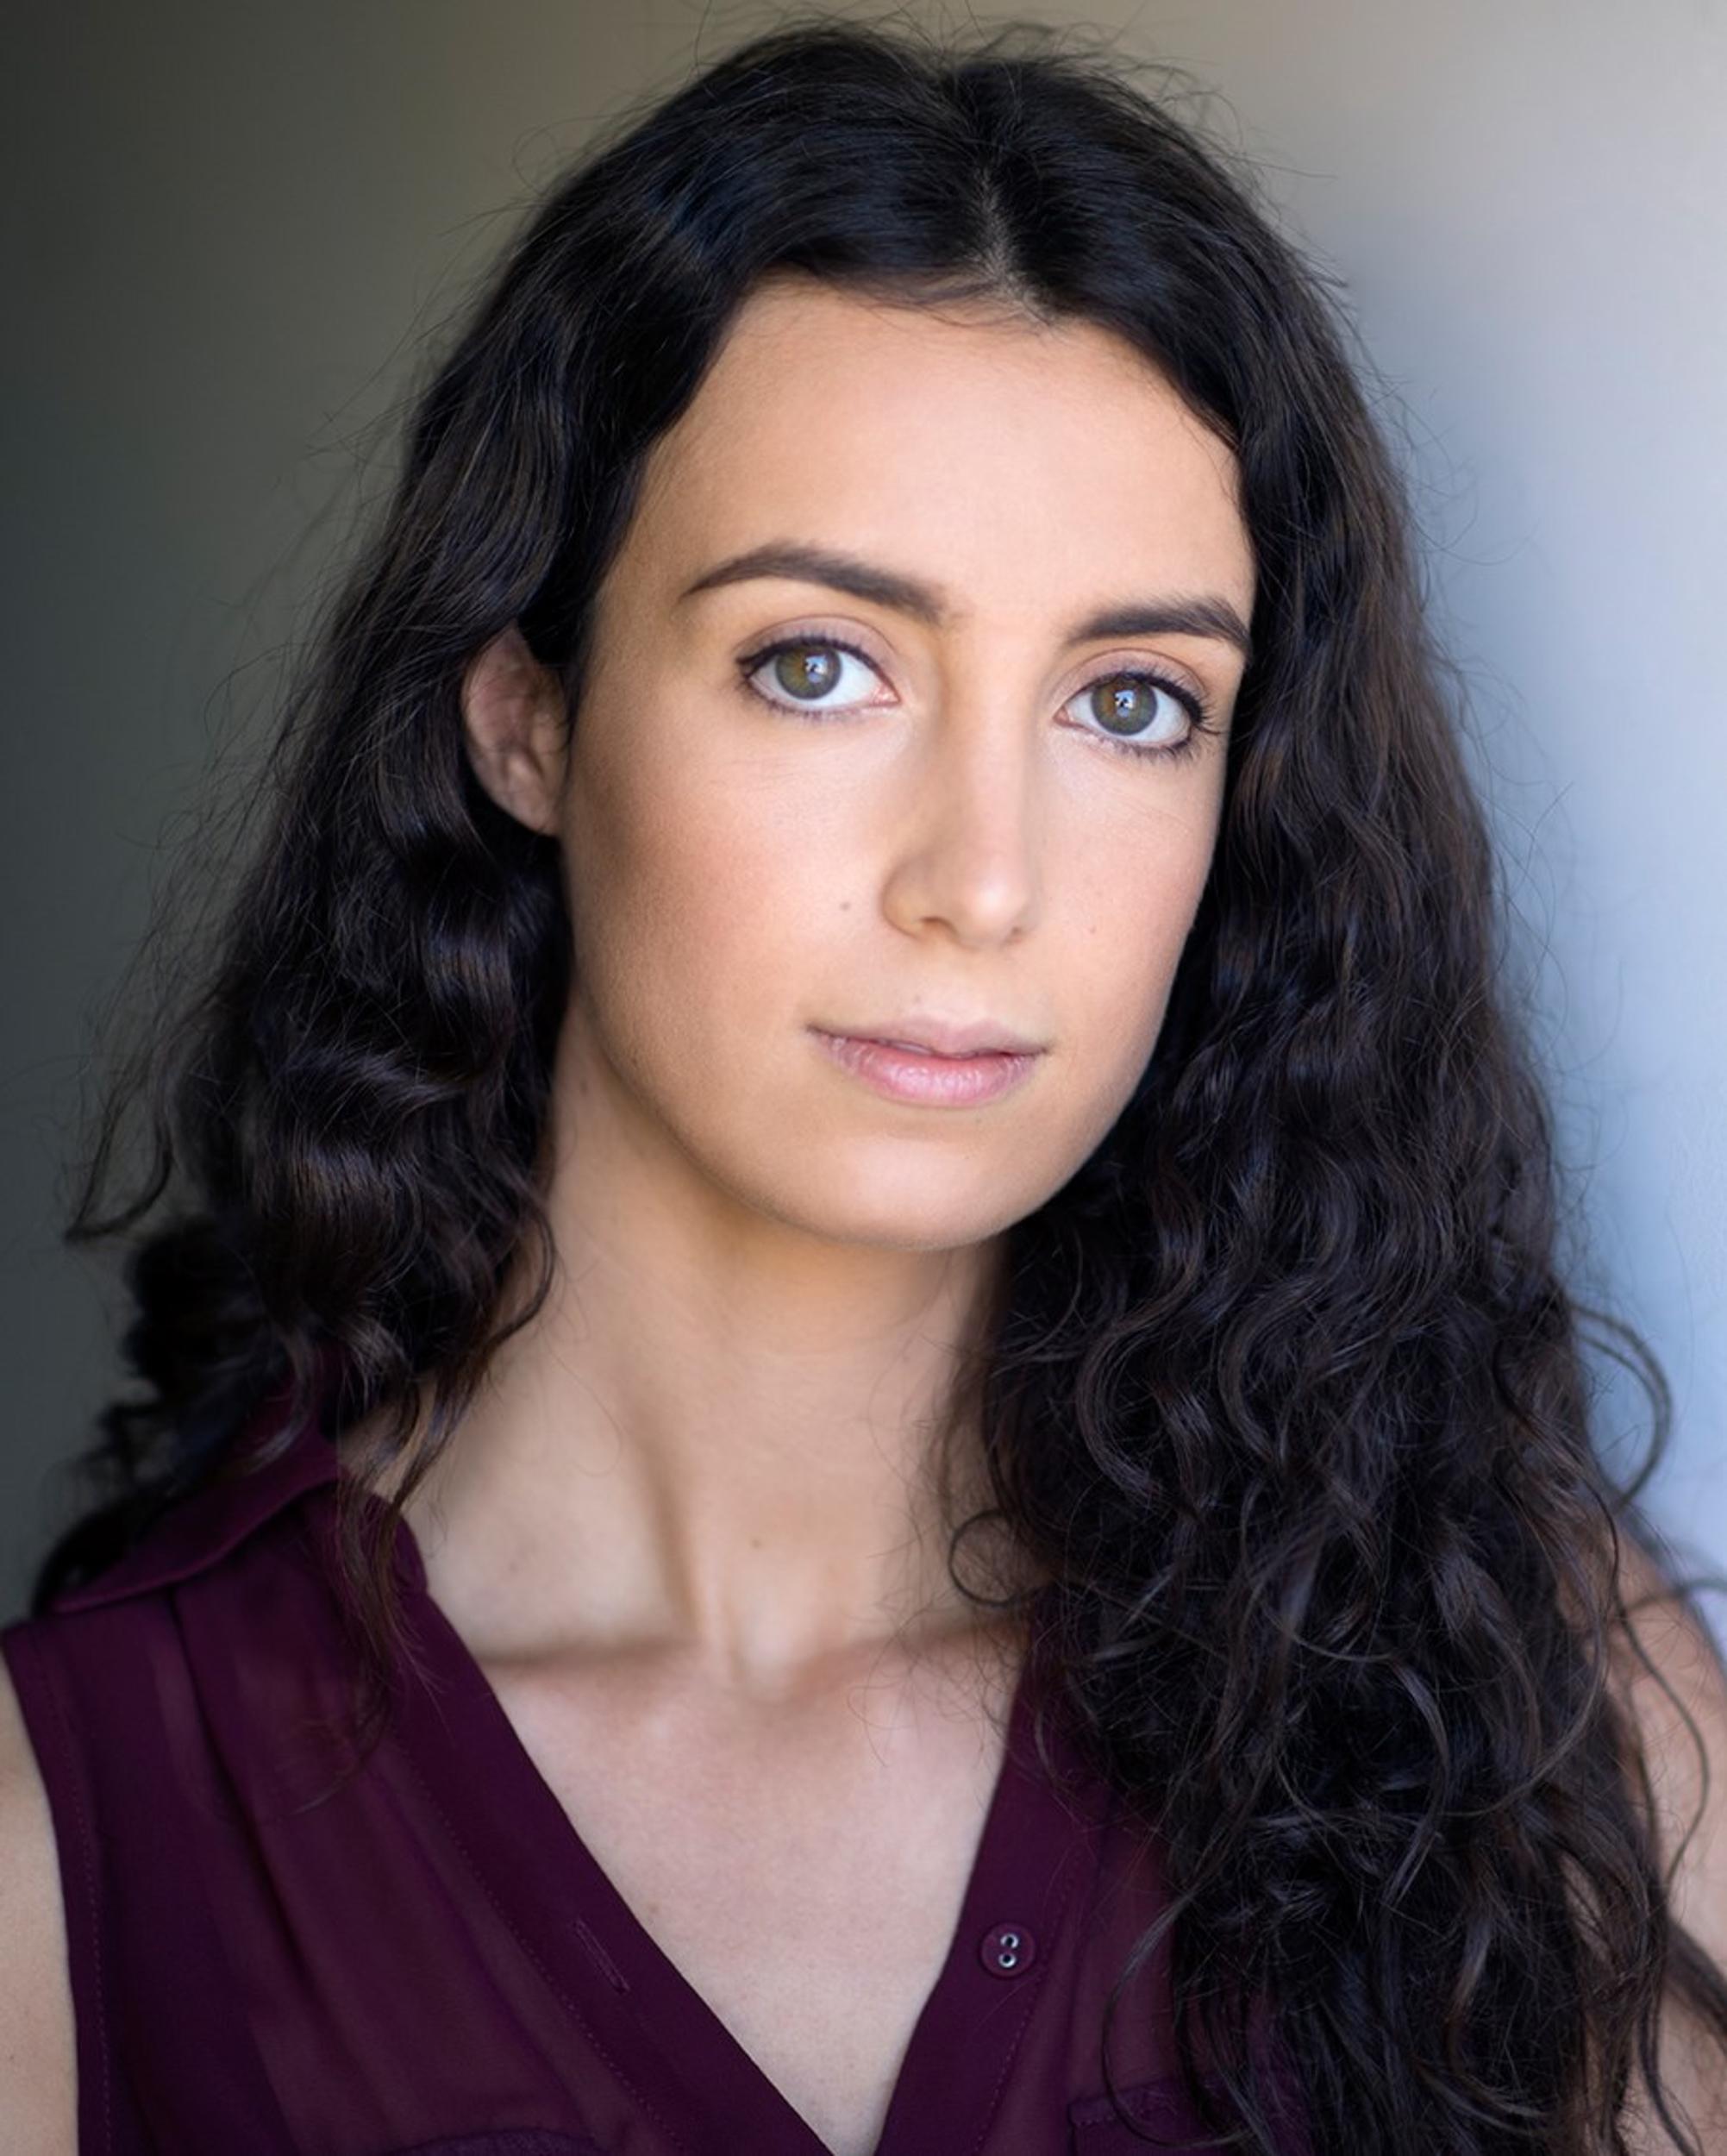 Simone La Martina